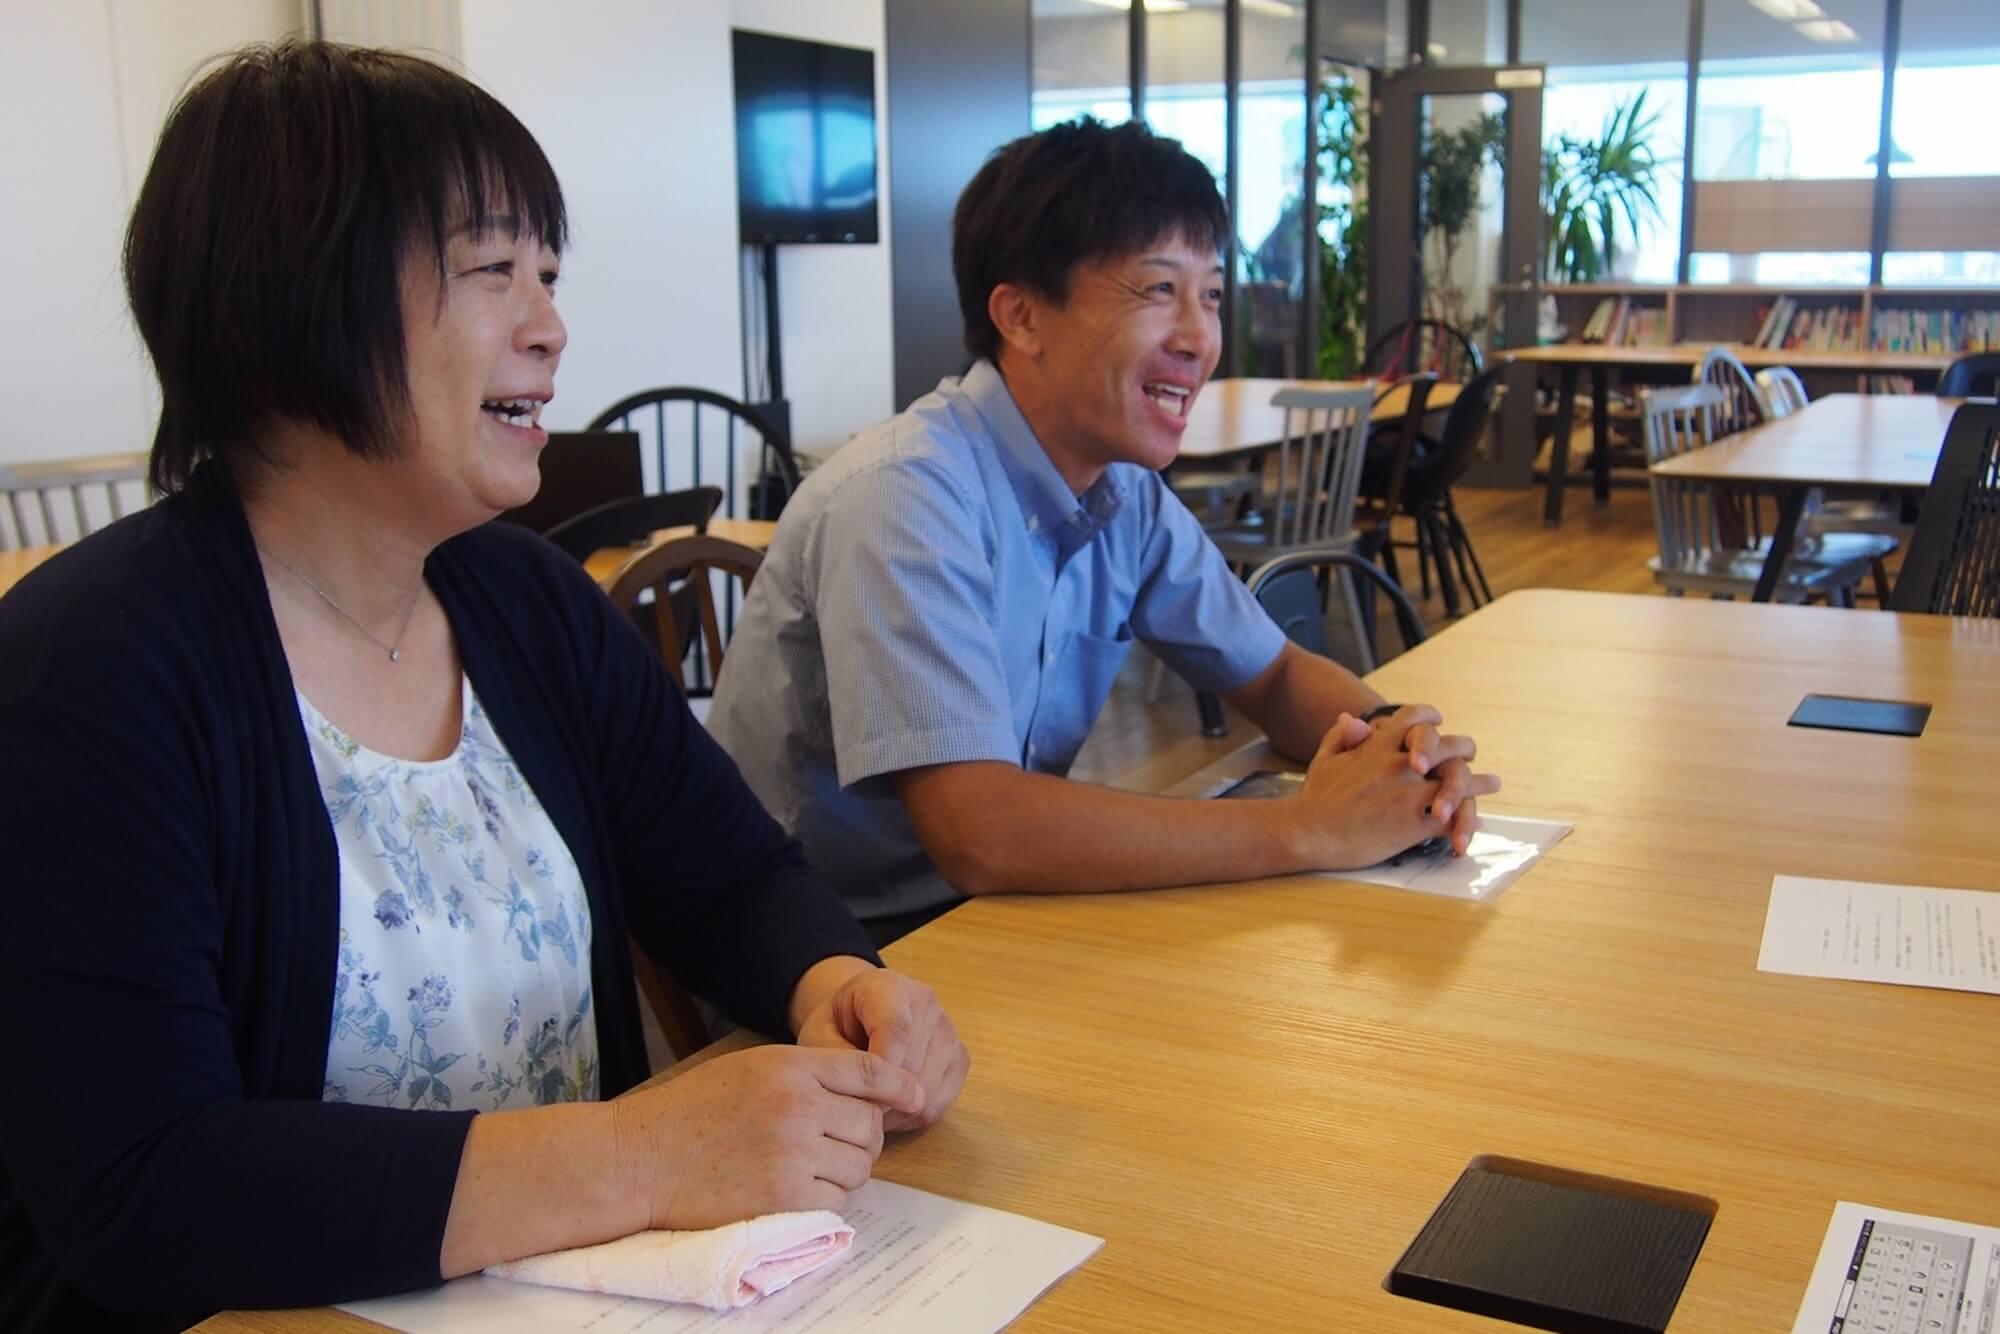 「オンライン勉強会への参加率もどんどん上がっています」と語る北原園長(左)